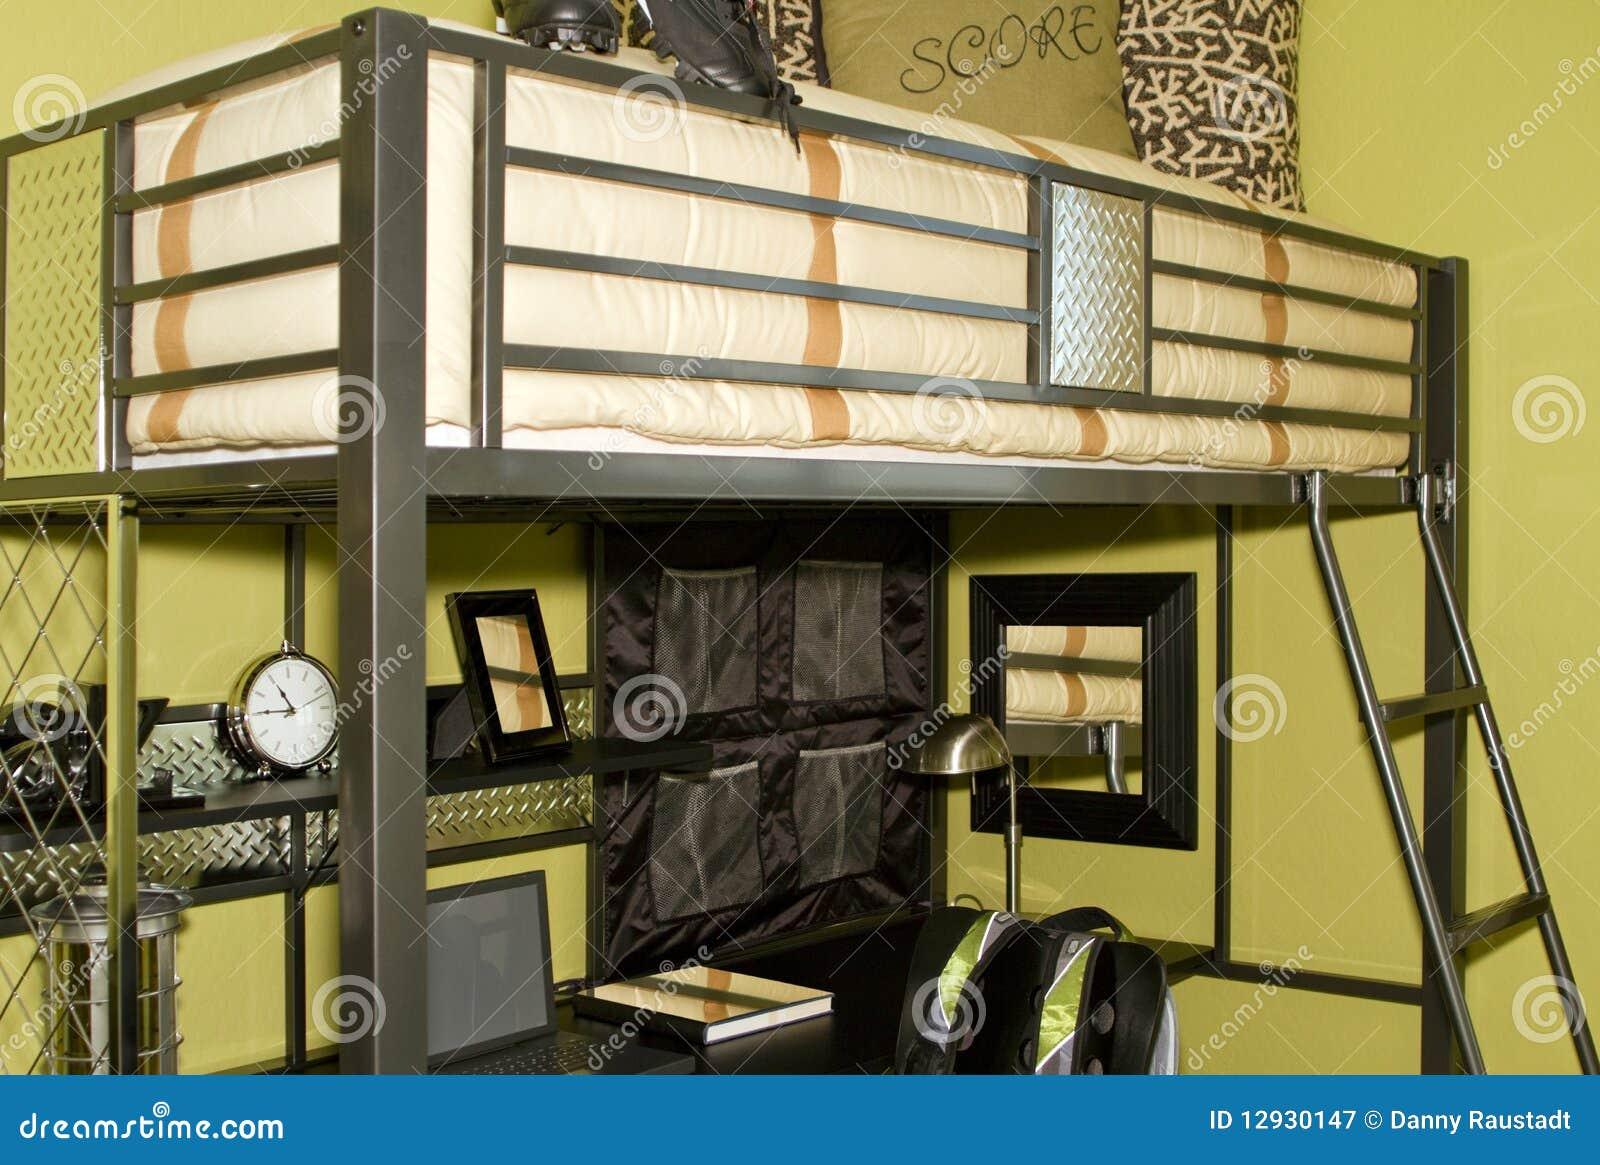 Jonge volwassen slaapkamer met stapelbed royalty vrije stock fotografie afbeelding 12930147 - Volwassen design slaapkamer ...